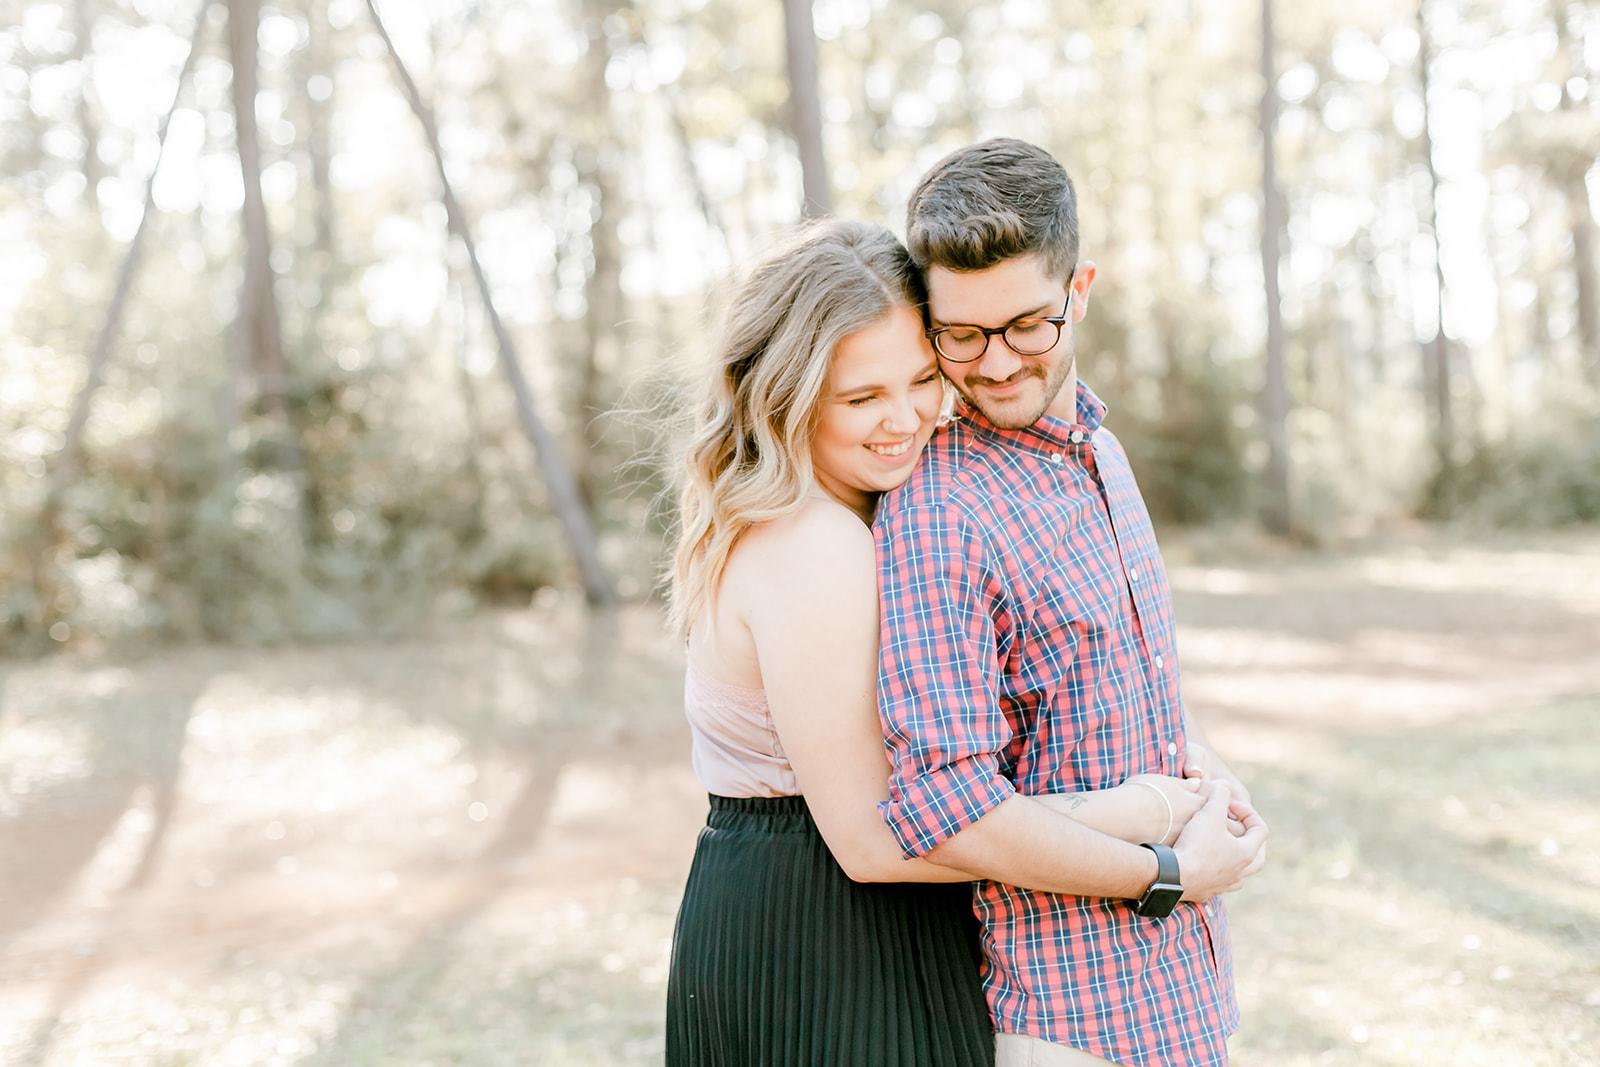 Aisle Society – Nicole + Corey Engagement Session